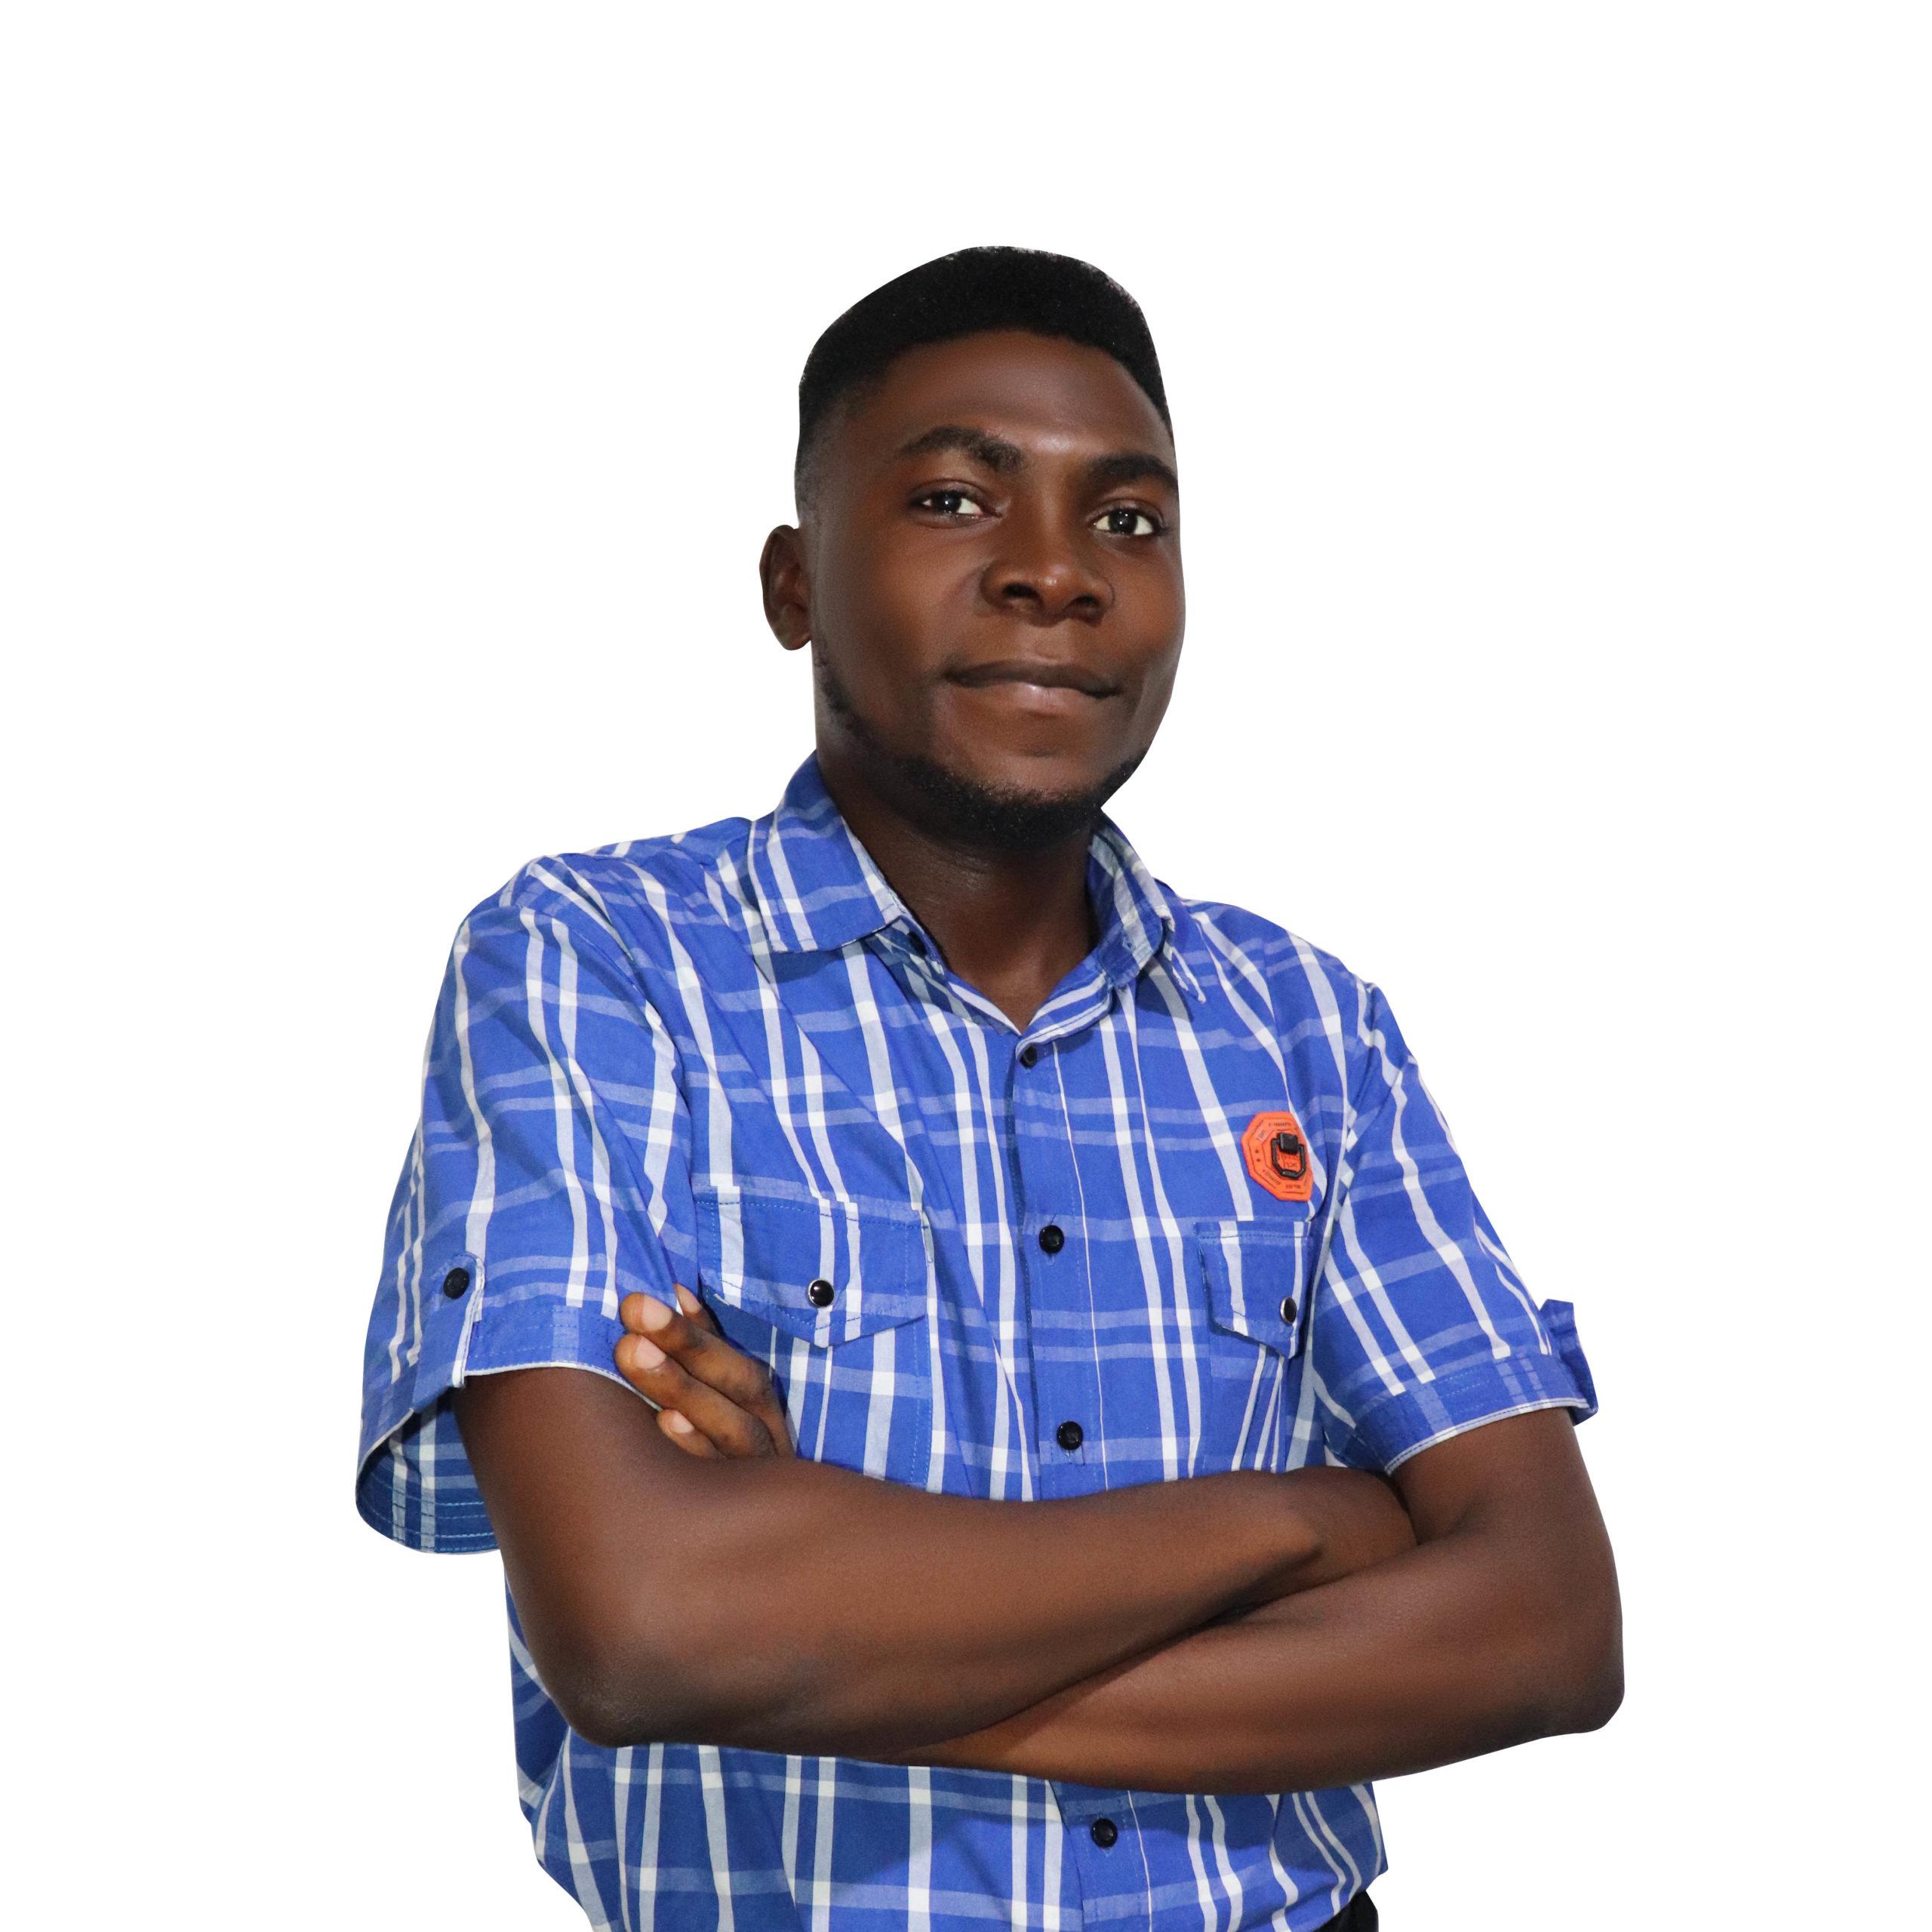 https://evaluate.ng/wp-content/uploads/2021/08/Oluwayomi-scaled.jpg